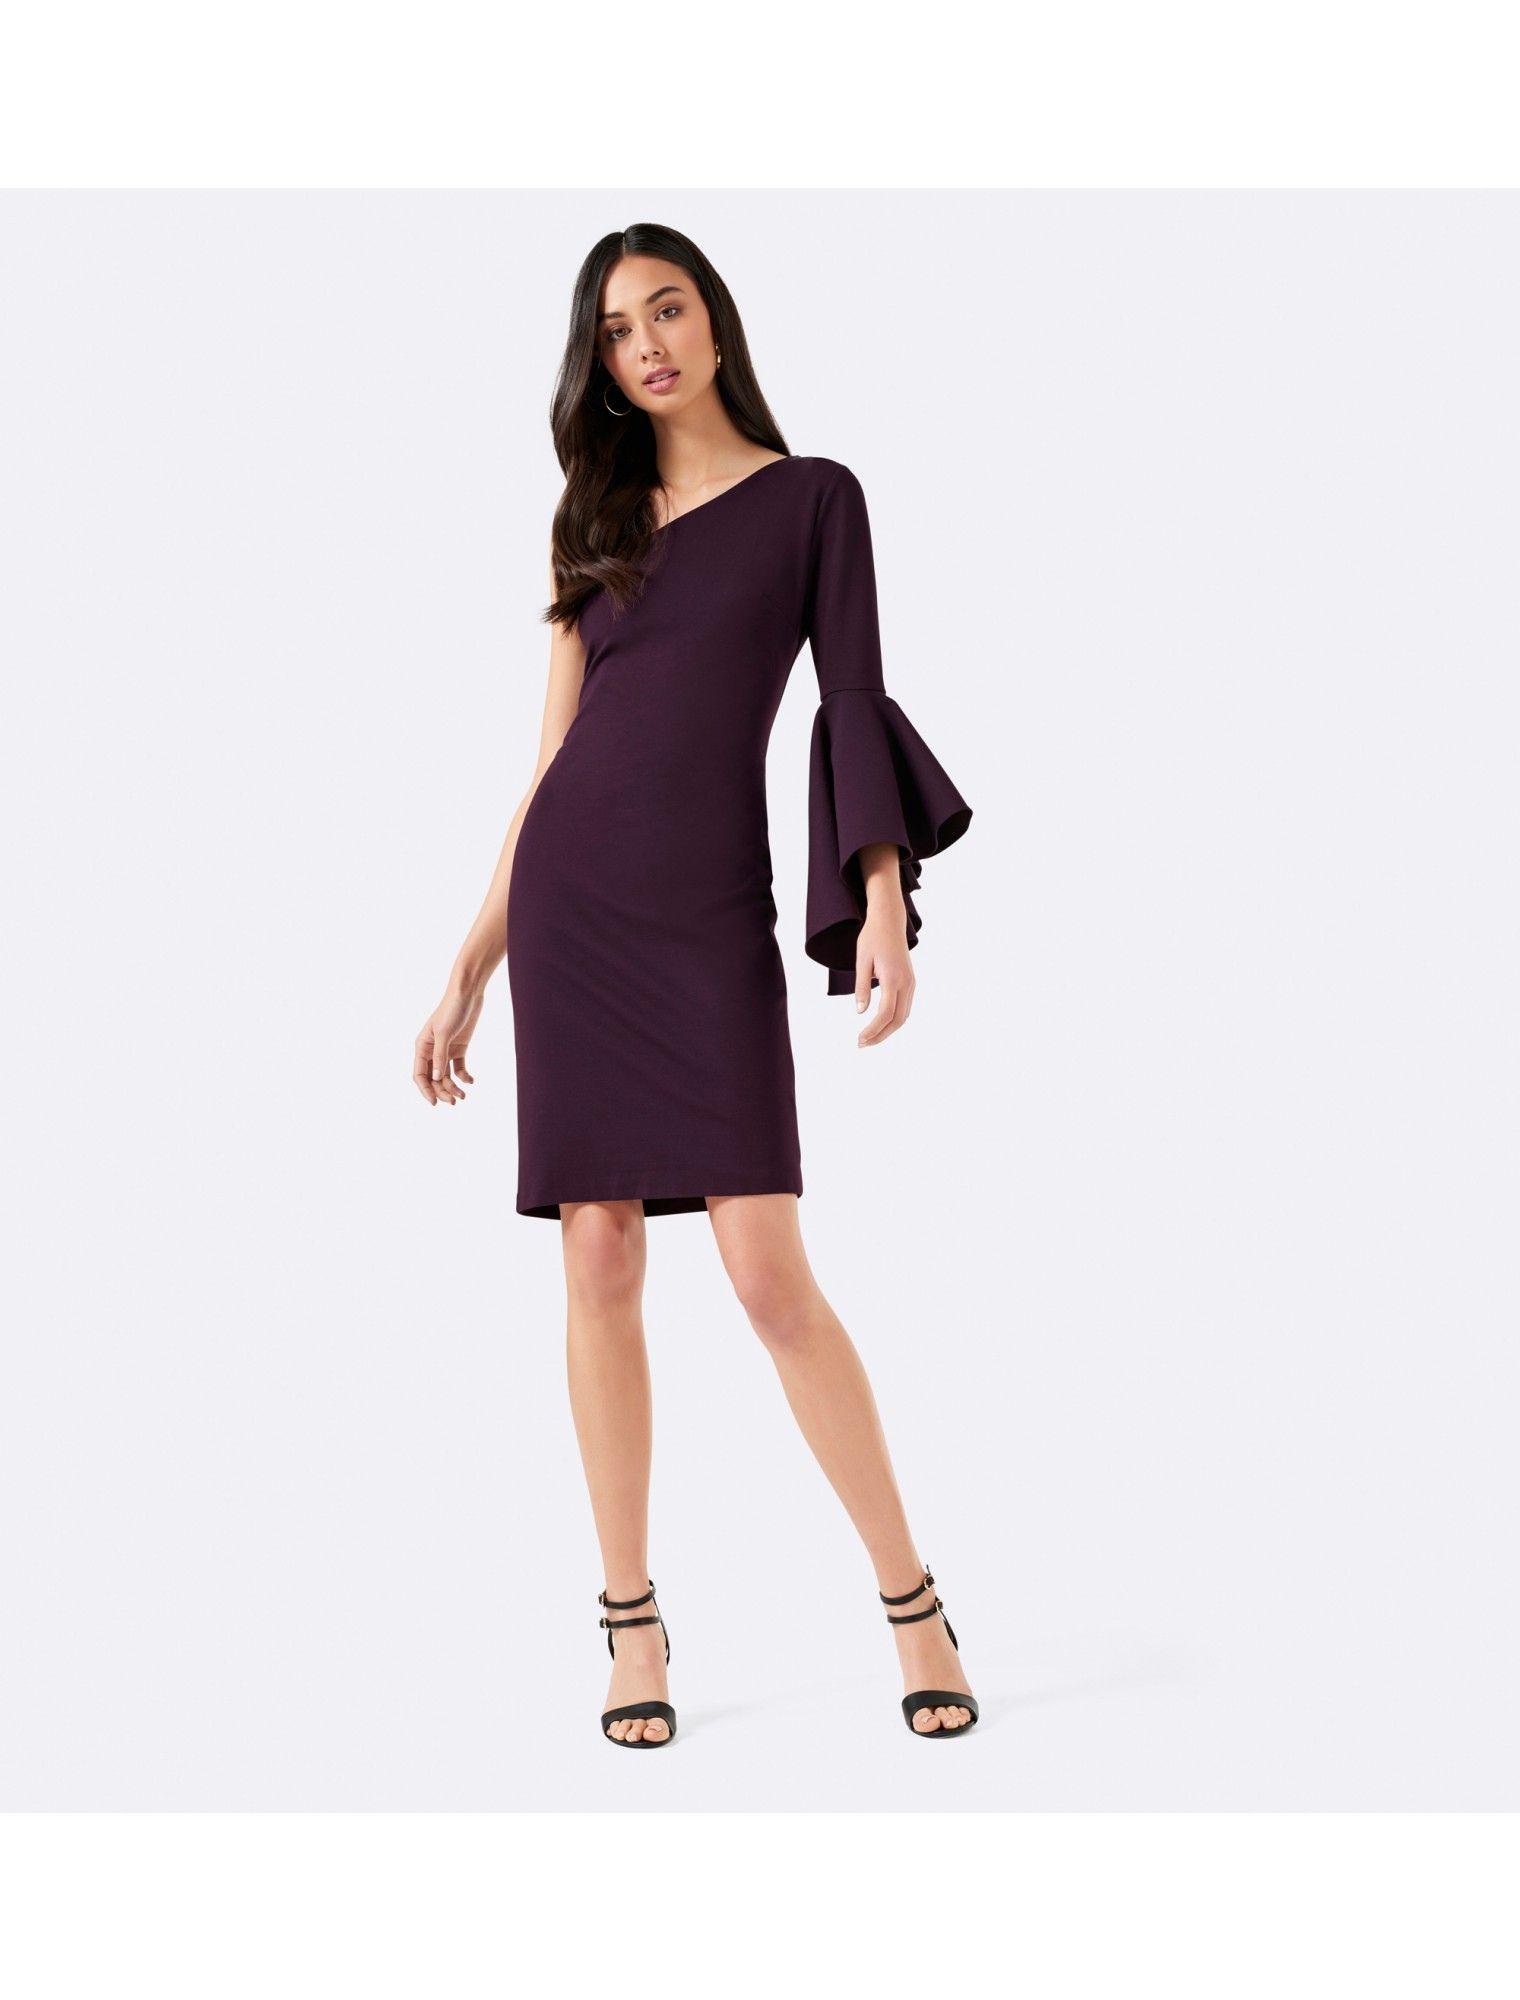 Jdz forever new my wishlist pinterest dresses forever new